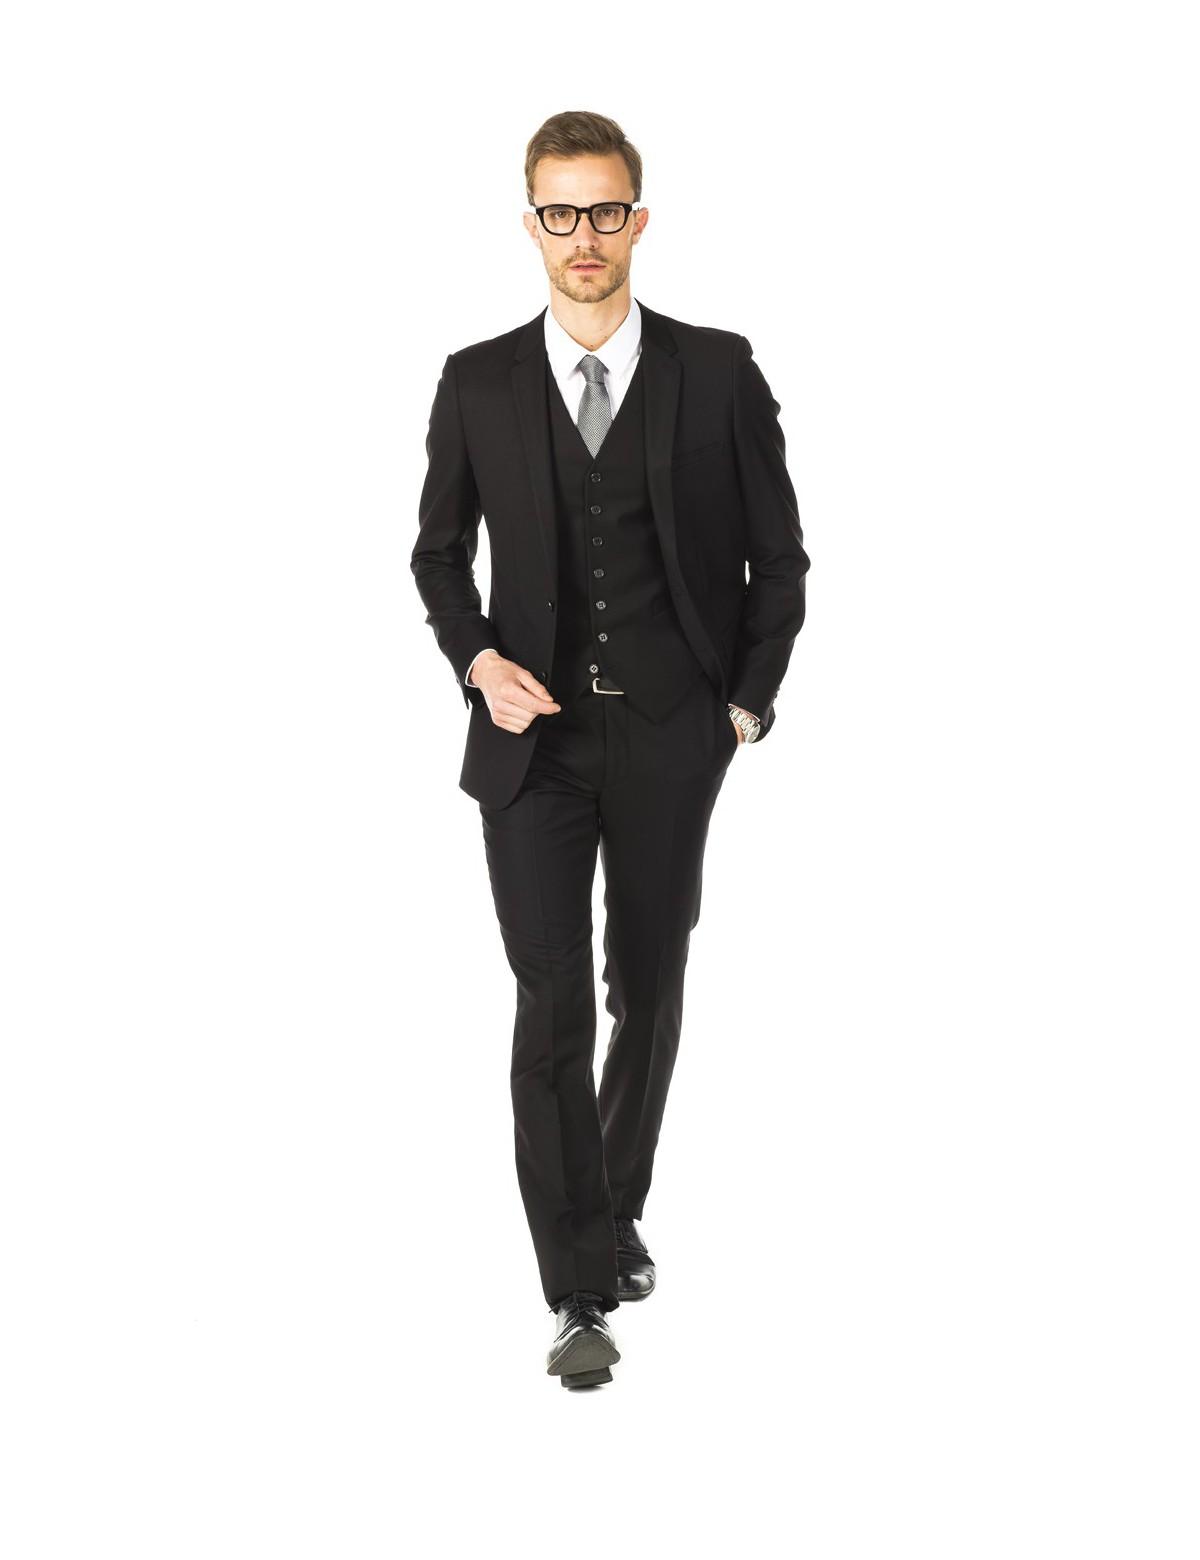 plus de photos de592 c19cc Quelle couleur de cravate avec son costume homme ?